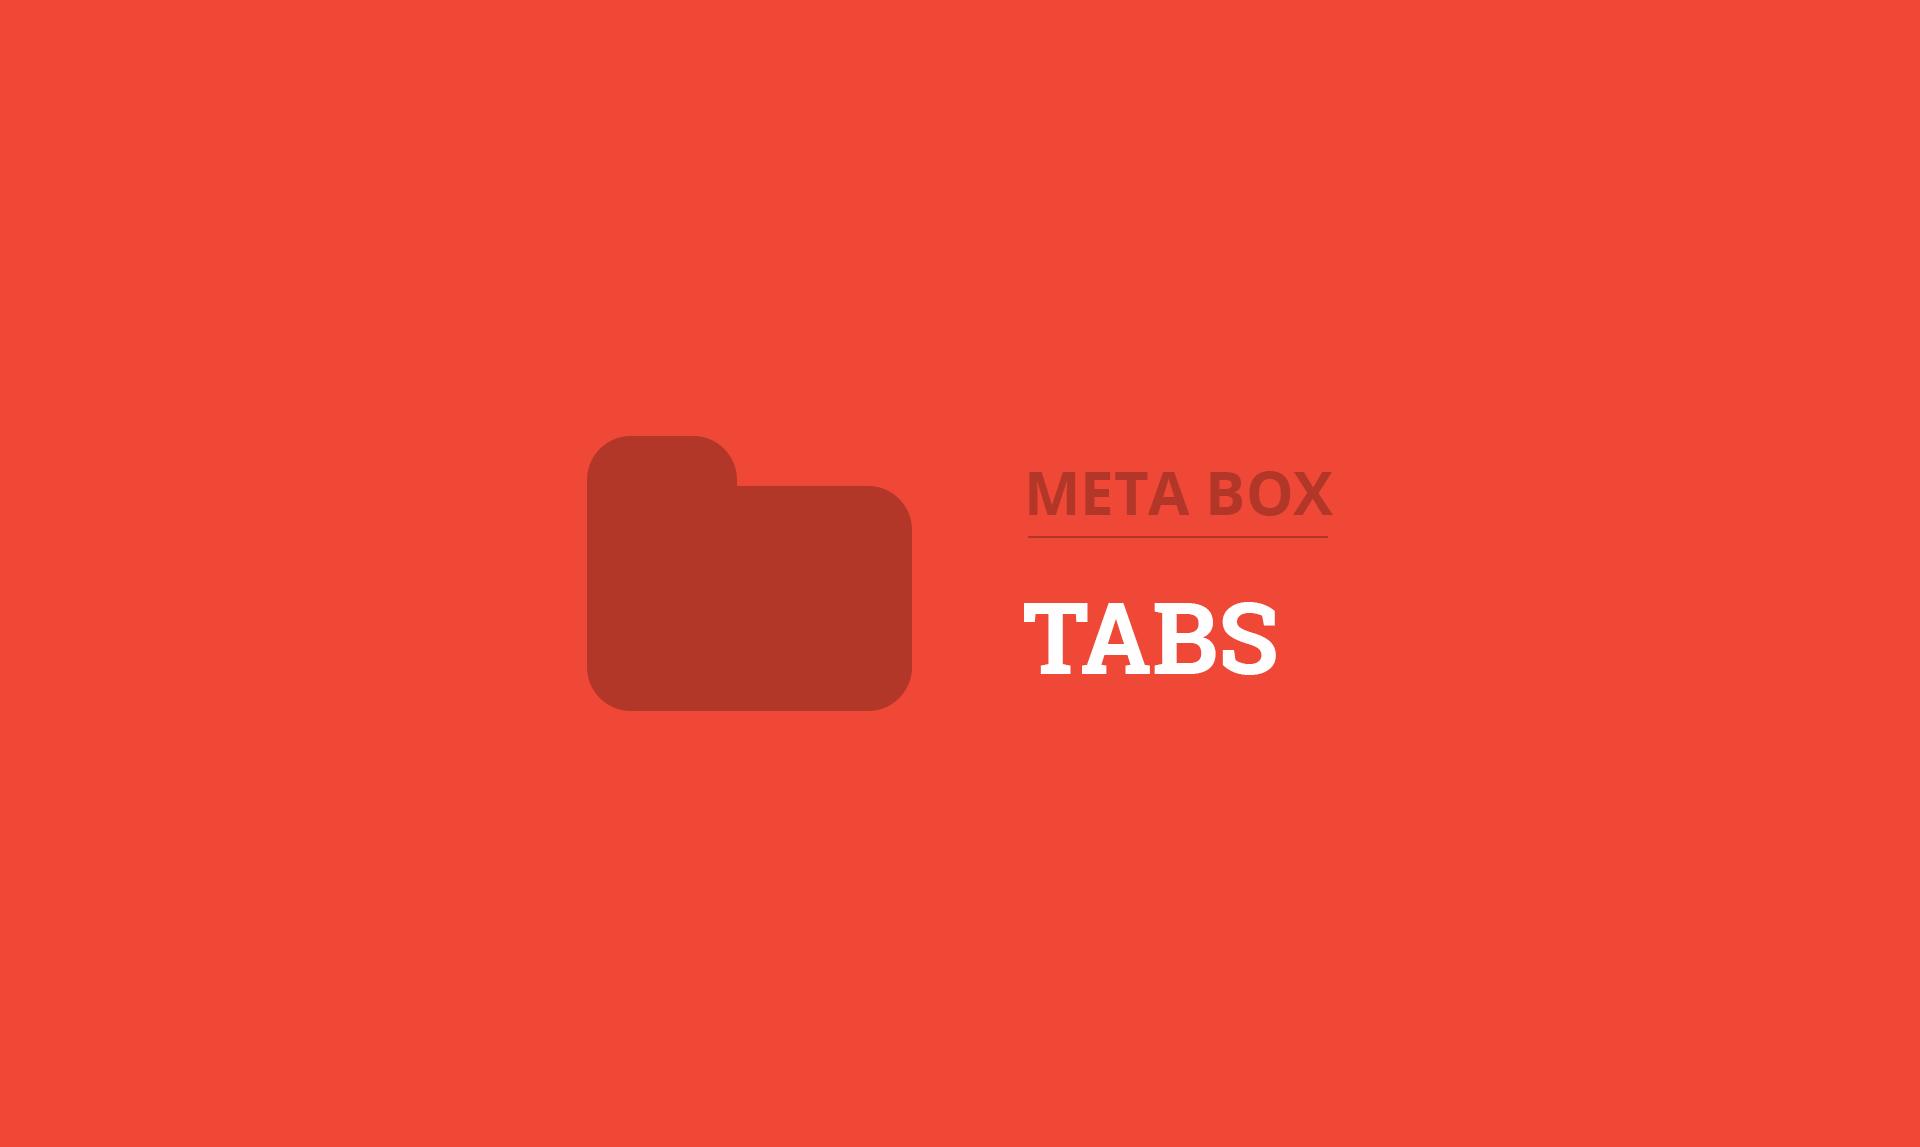 Meta Box Tabs